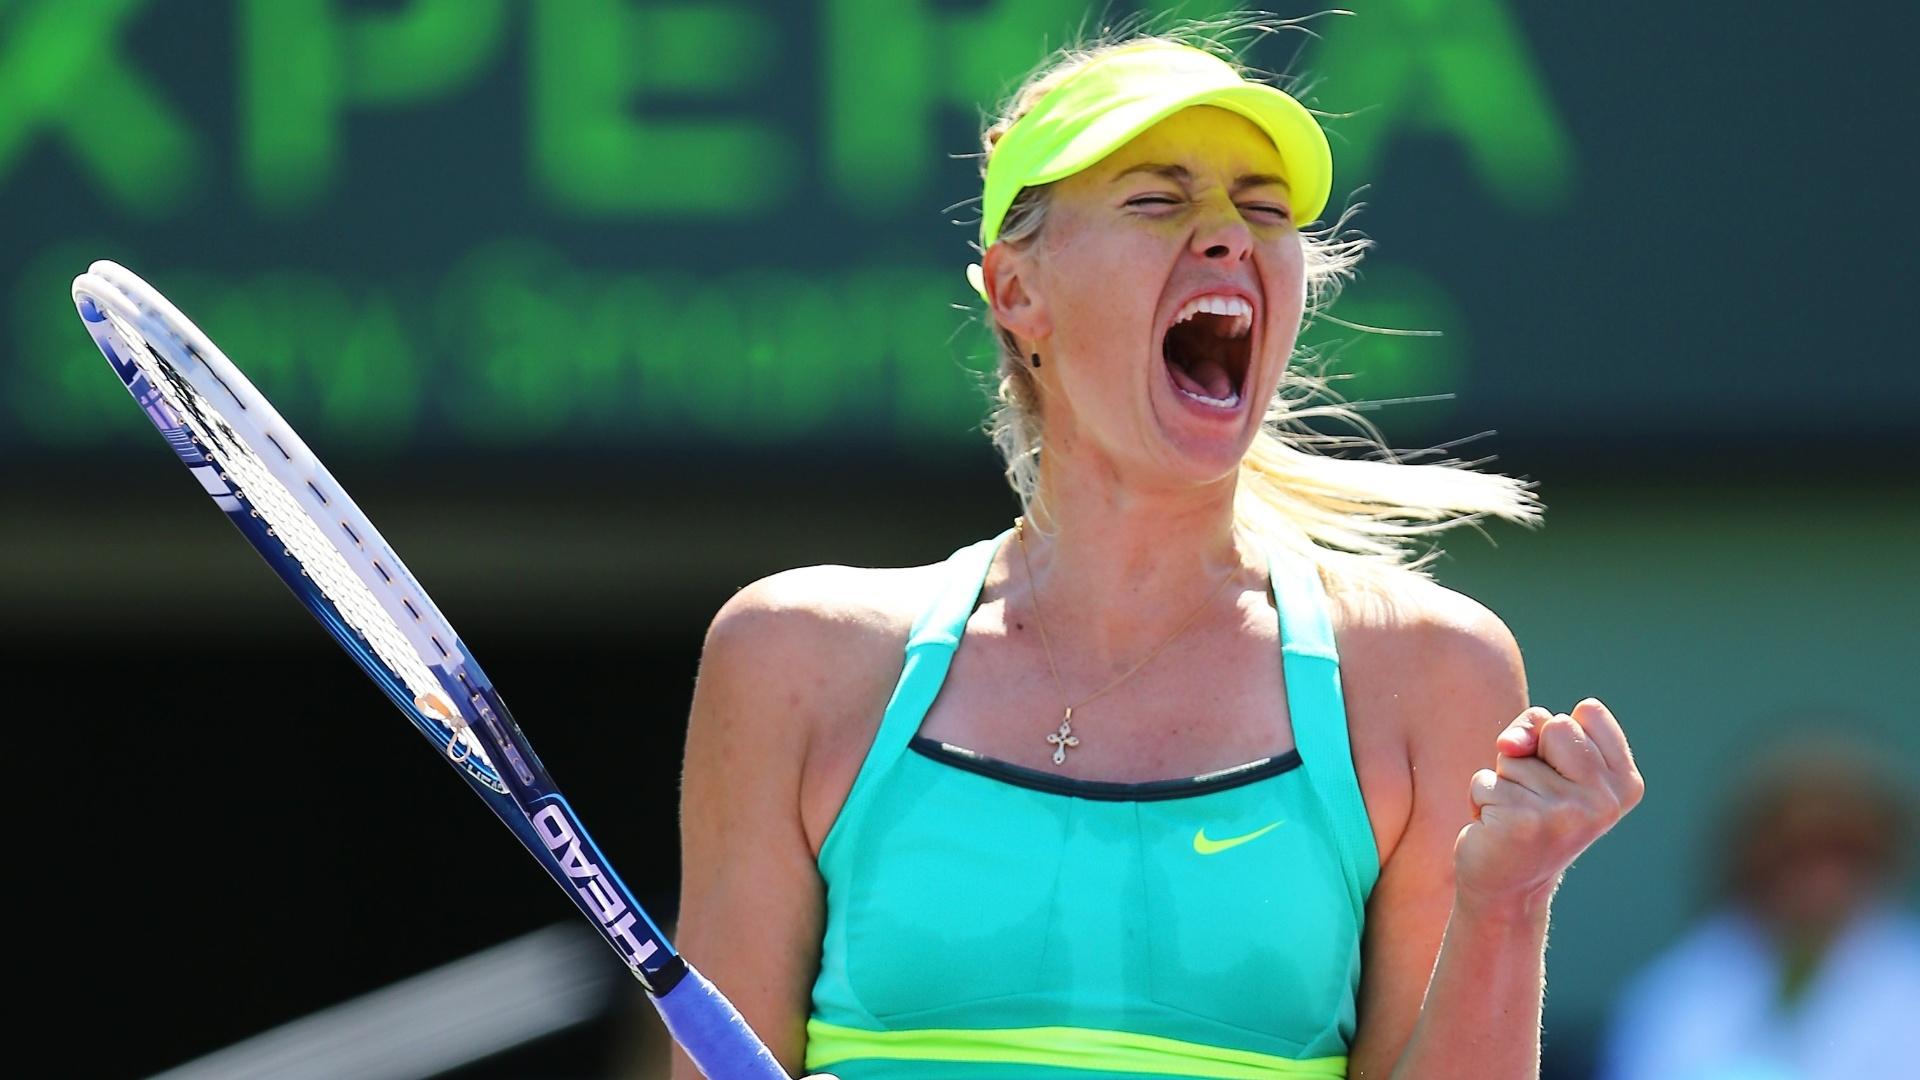 27.mar.2013 - Maria Sharapova comemora a vitória sobre Sara Errani nas quartas de final do Torneio de Miami, nos Estados Unidos